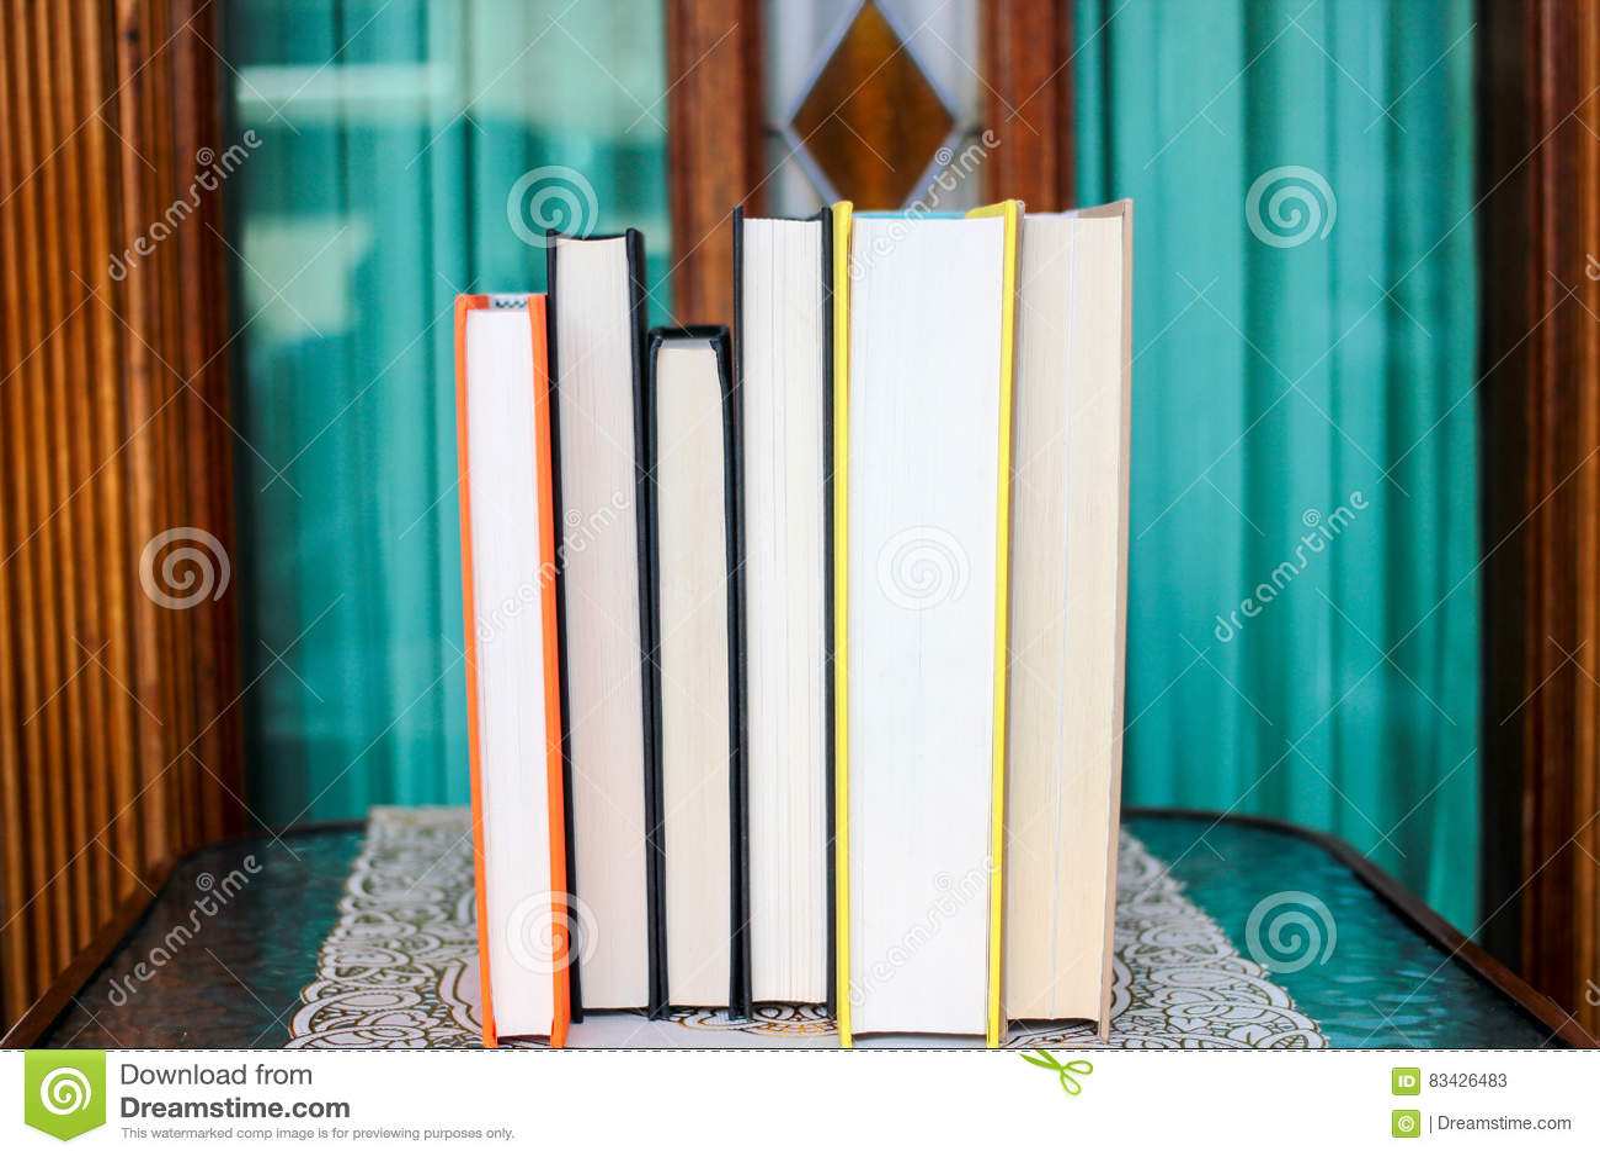 Böcker som ska läsas